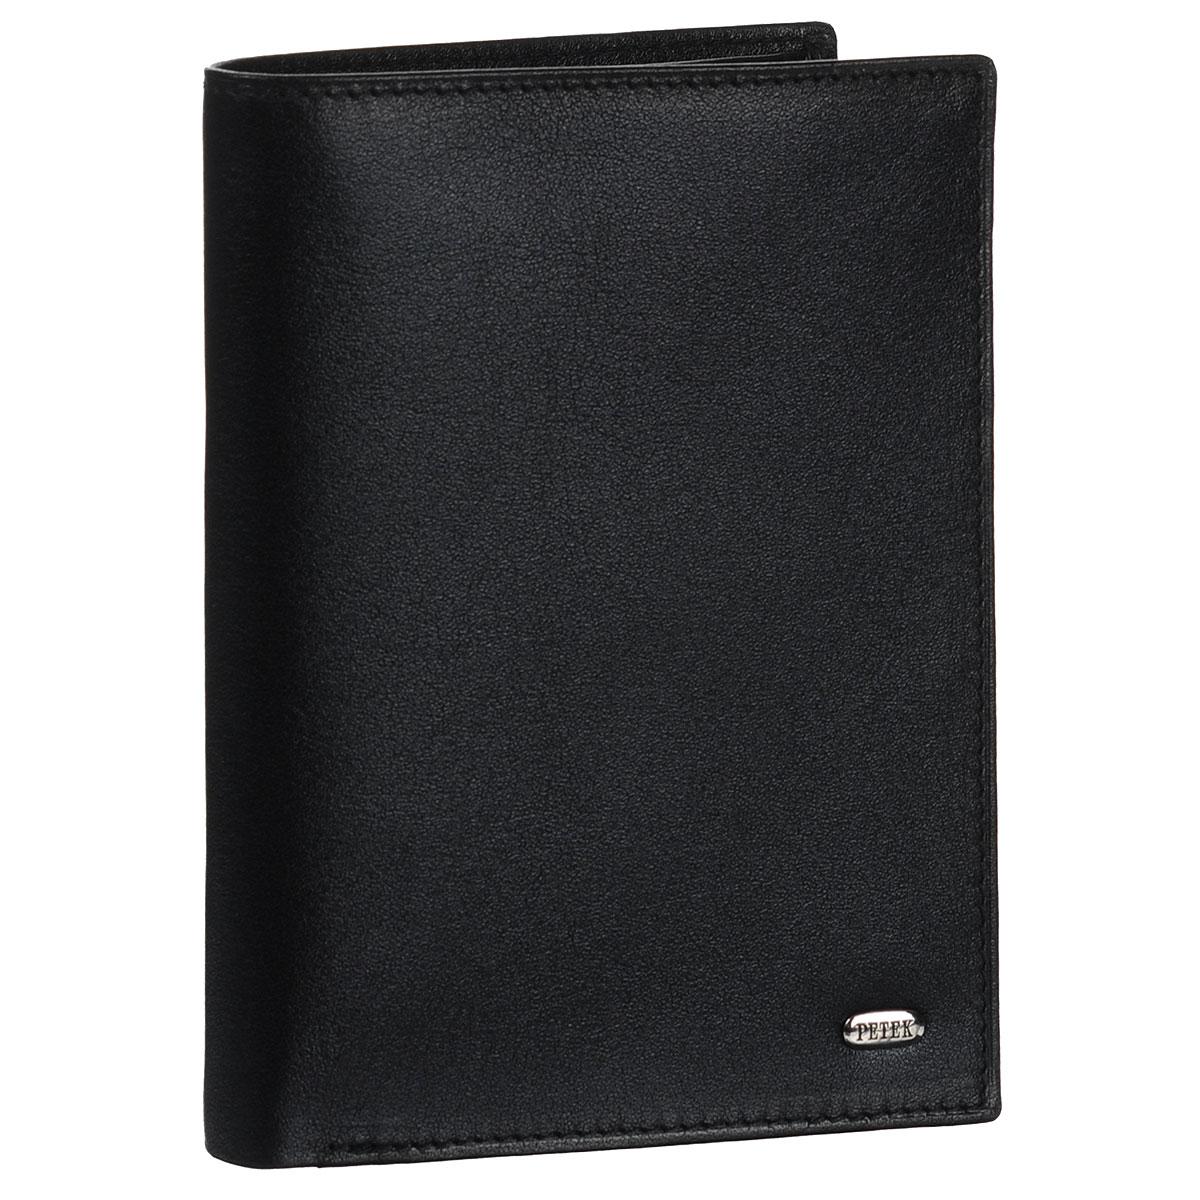 Обложка для паспорта и портмоне Petek, цвет: черный. 597.000.01BM8434-58AEОбложка для паспорта и портмоне не только поможет сохранить внешний вид ваших документов и защитить их от повреждений, но и станет стильным аксессуаром, идеально подходящим вашему образу. Обложка выполнена из натуральной кожи. На внутреннем развороте имеются два отделения для купюр, два кармана с сетчатыми вставками, пять кармашков для пластиковых карт, один вертикальный карман и два дополнительных кармашка для бумаг. Упакована обложка в фирменную картонную коробку. Такая обложка станет замечательным подарком человеку, ценящему качественные и практичные вещи.